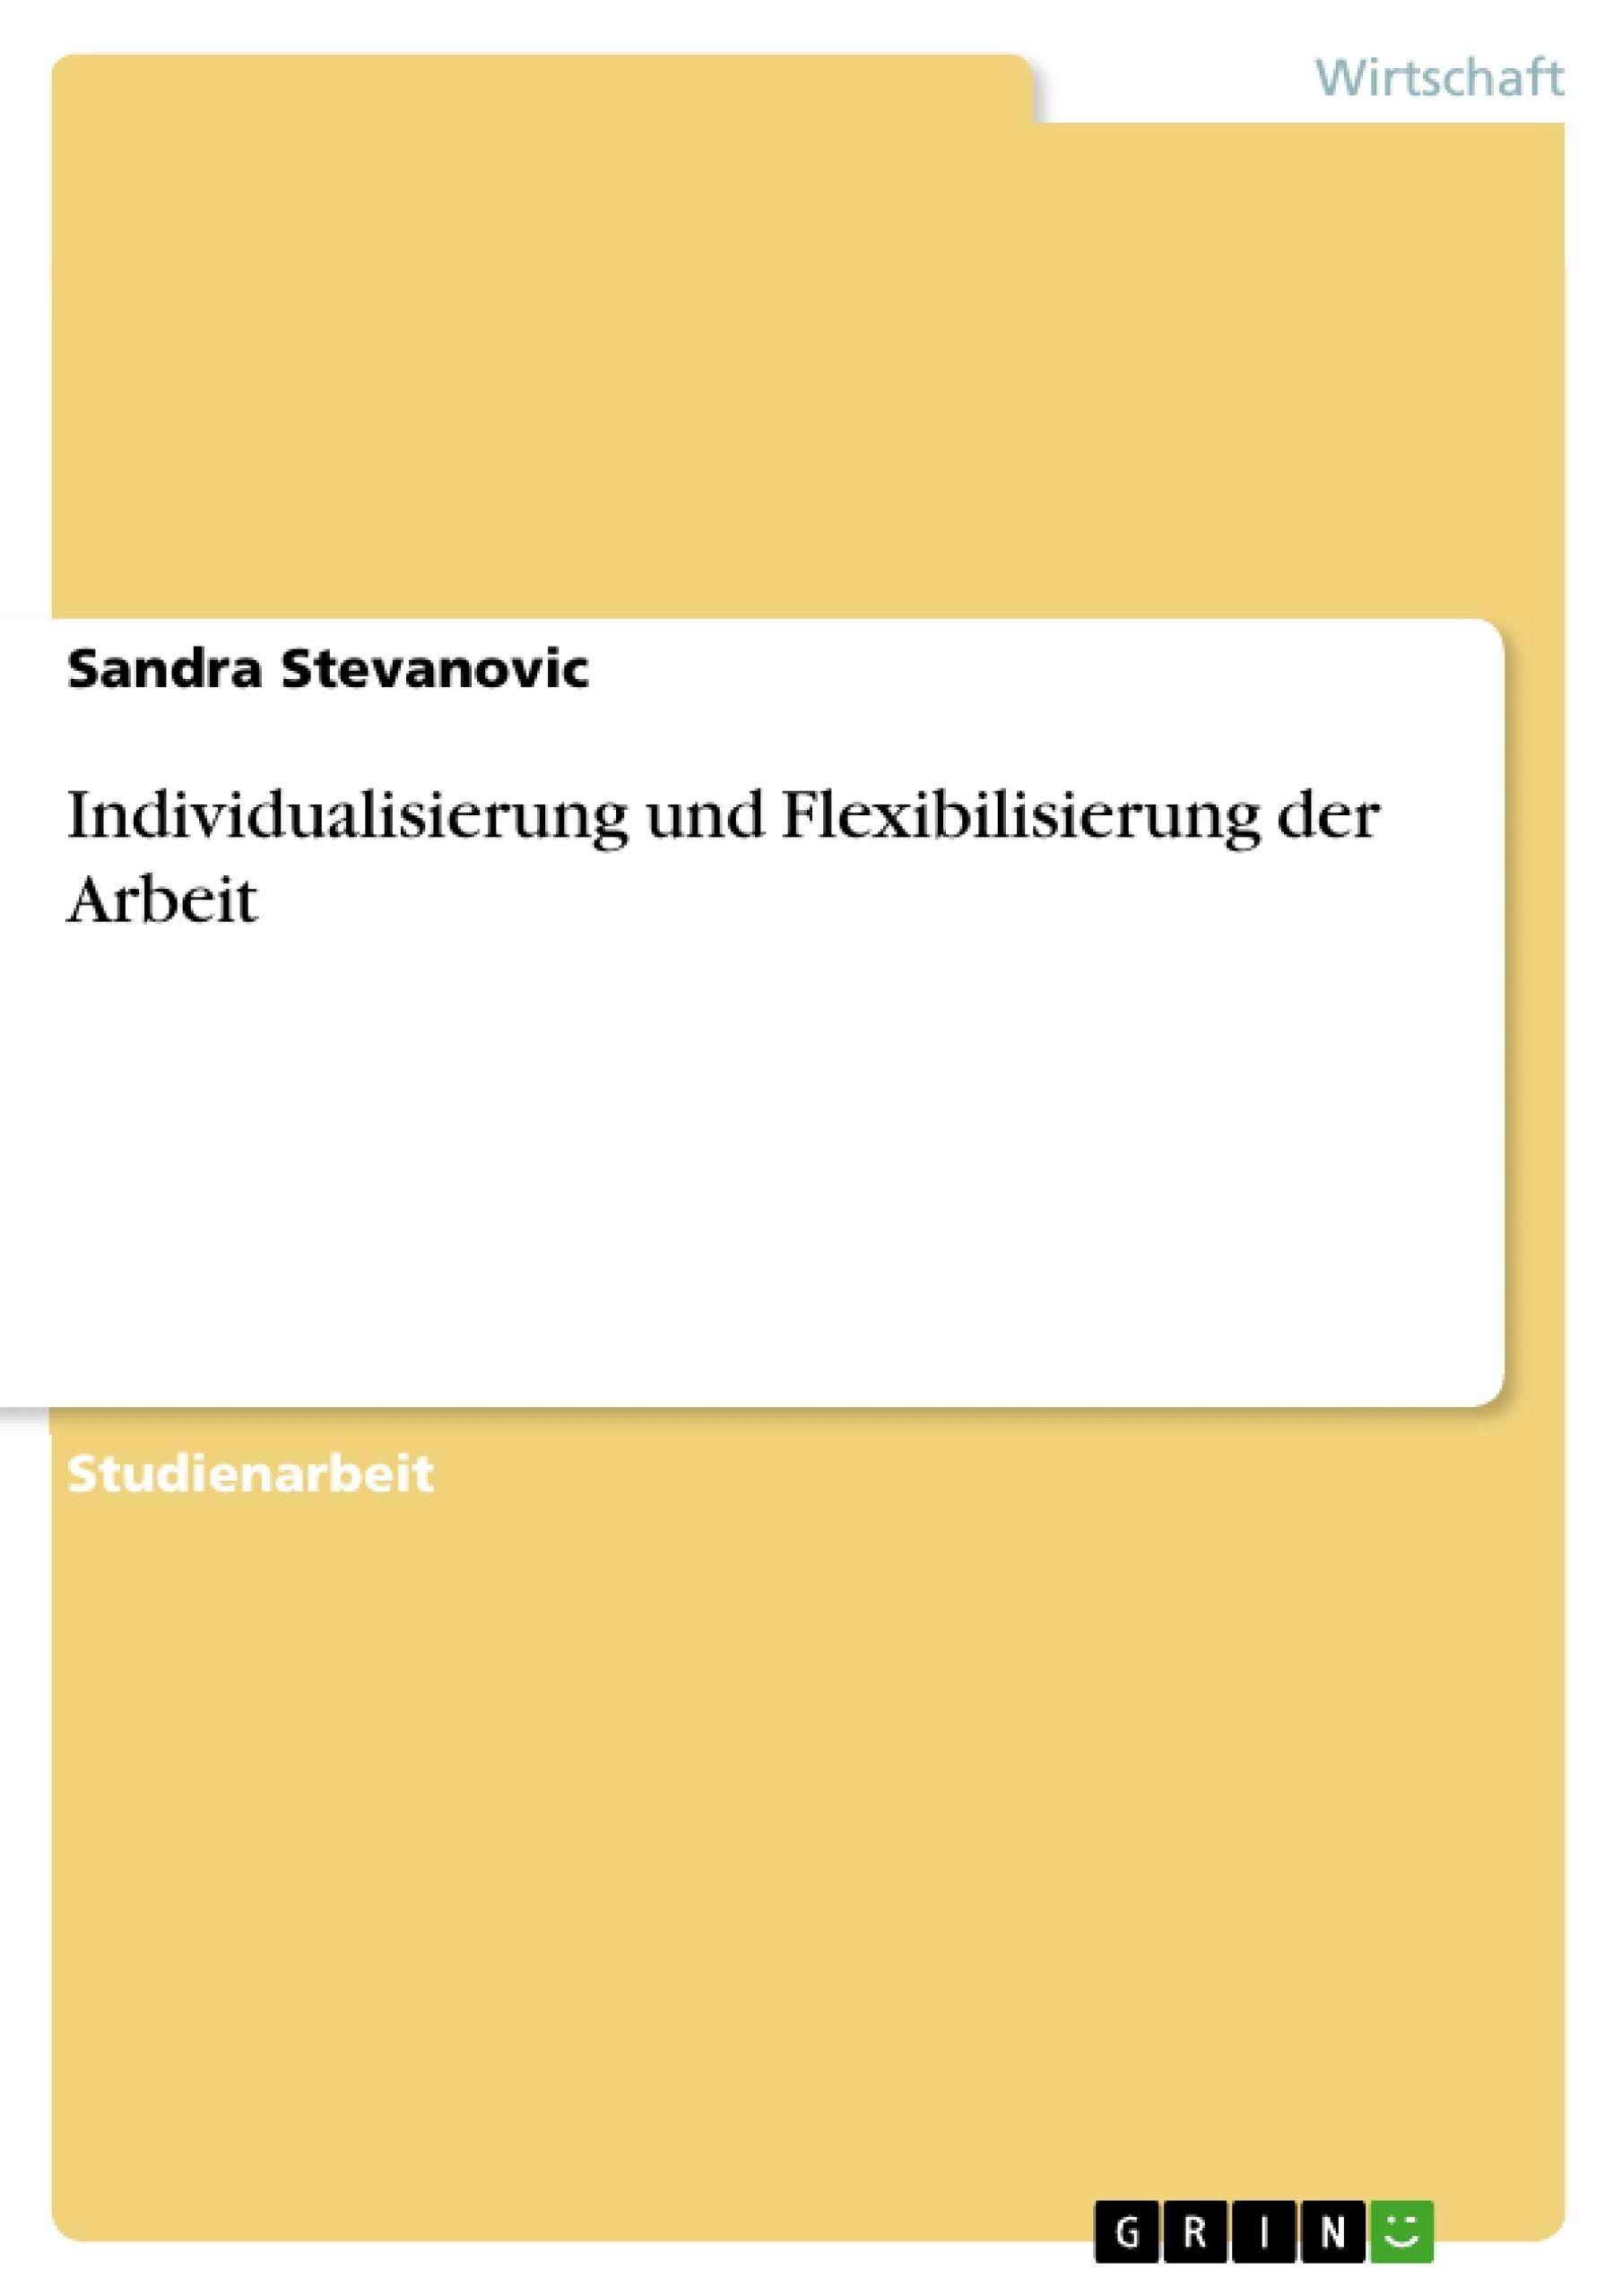 Titel: Individualisierung und Flexibilisierung der Arbeit